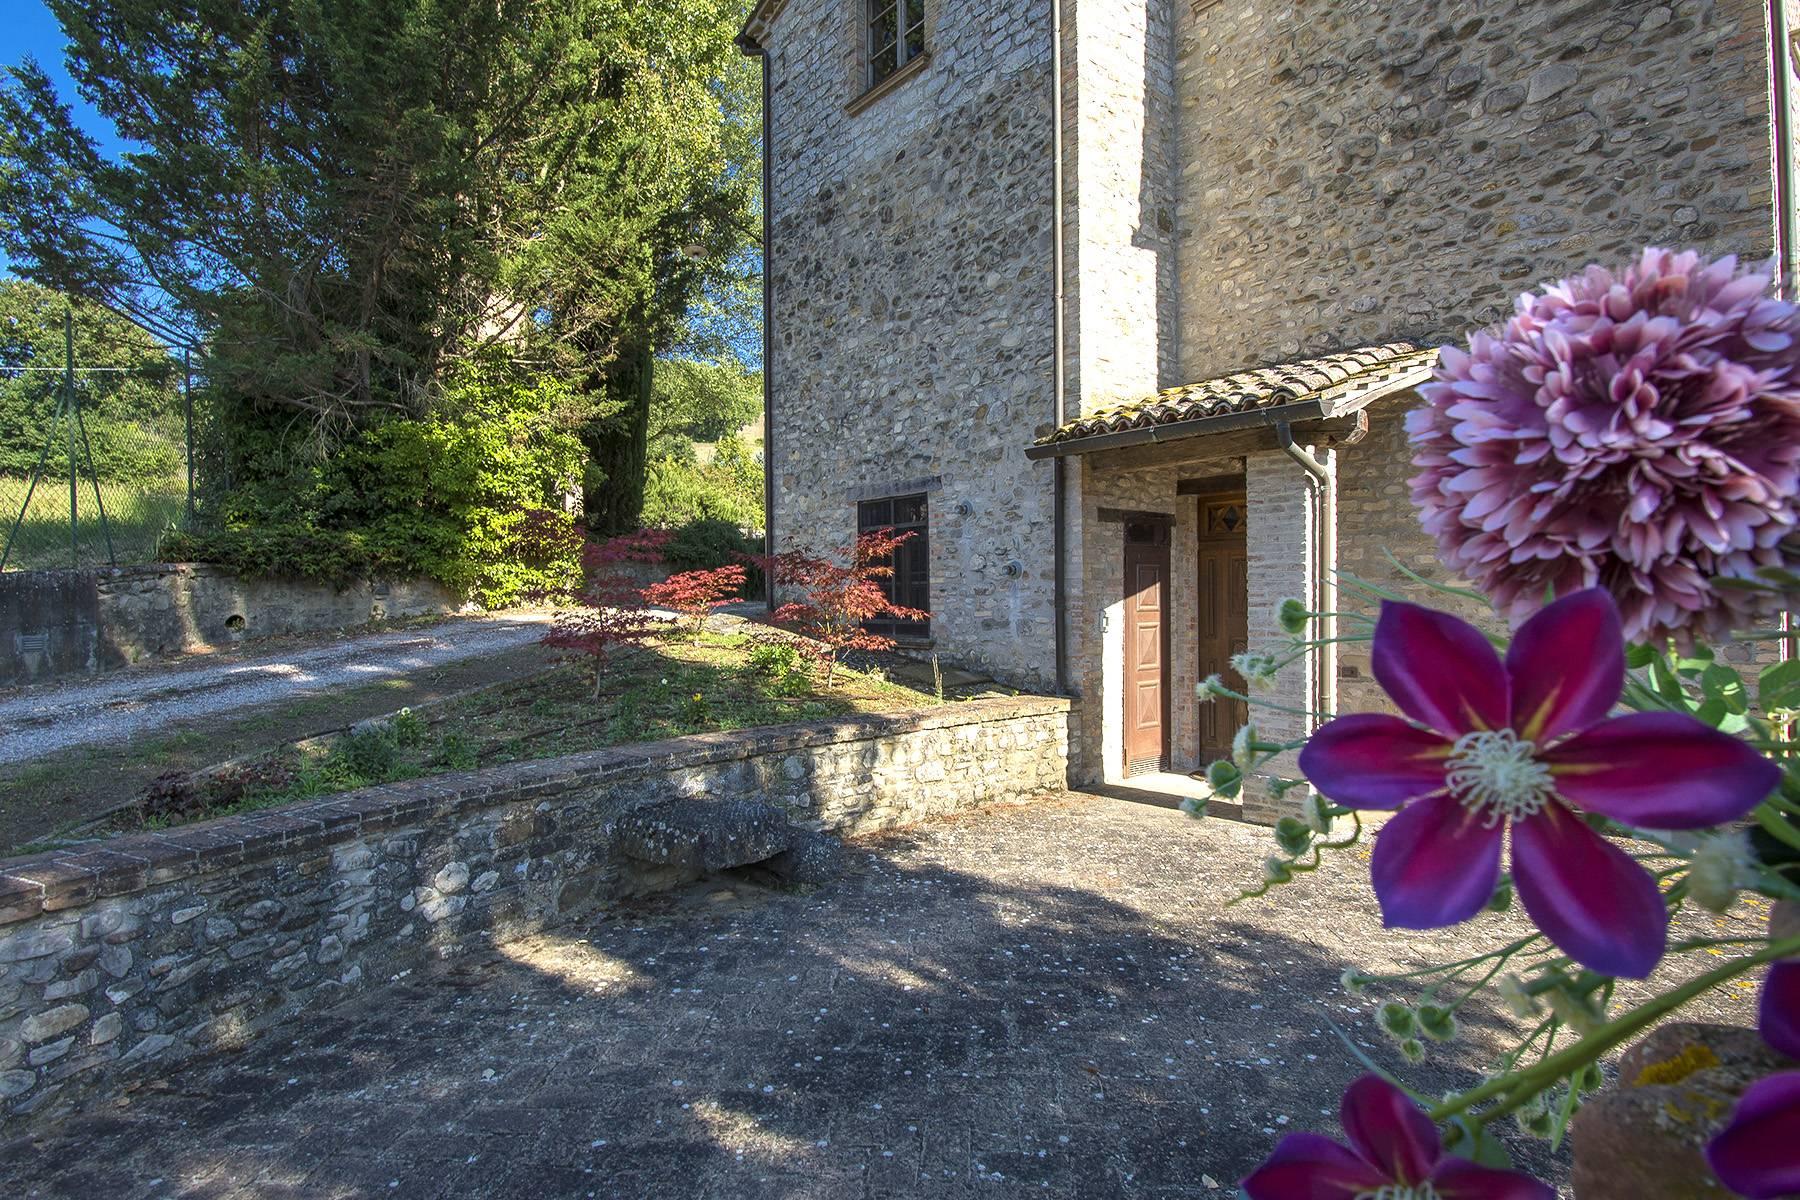 Rustico in Vendita a Montone: 5 locali, 700 mq - Foto 30